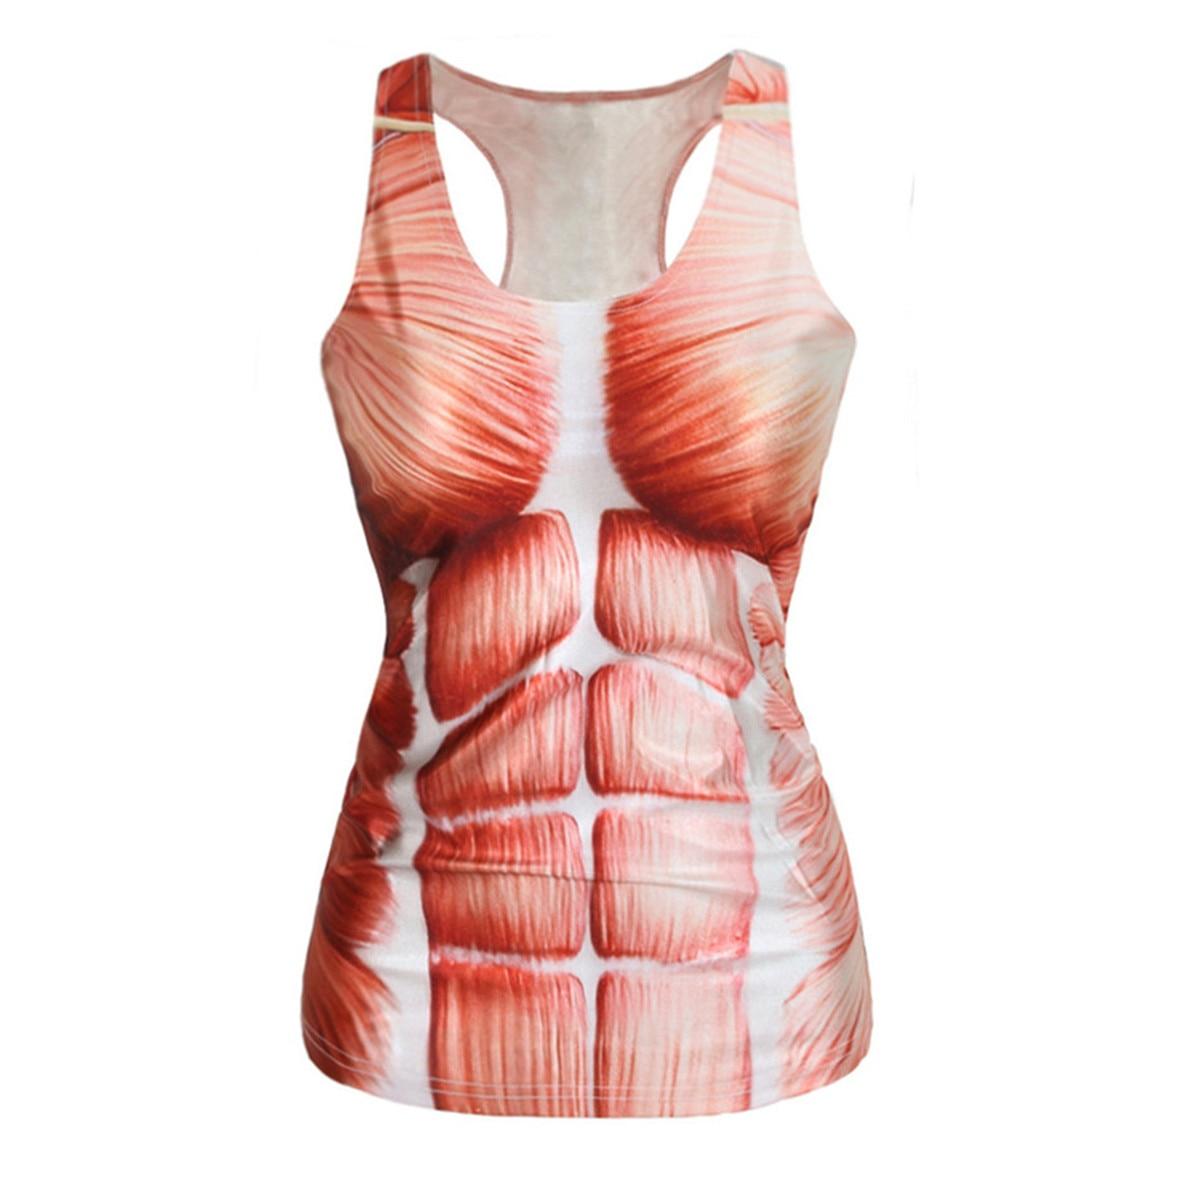 Najbolje obrezane za ženske gojite žensko moralno raztegljivo majico s srčnimi mišicami vzorec digitalni tisk ženski telovnik